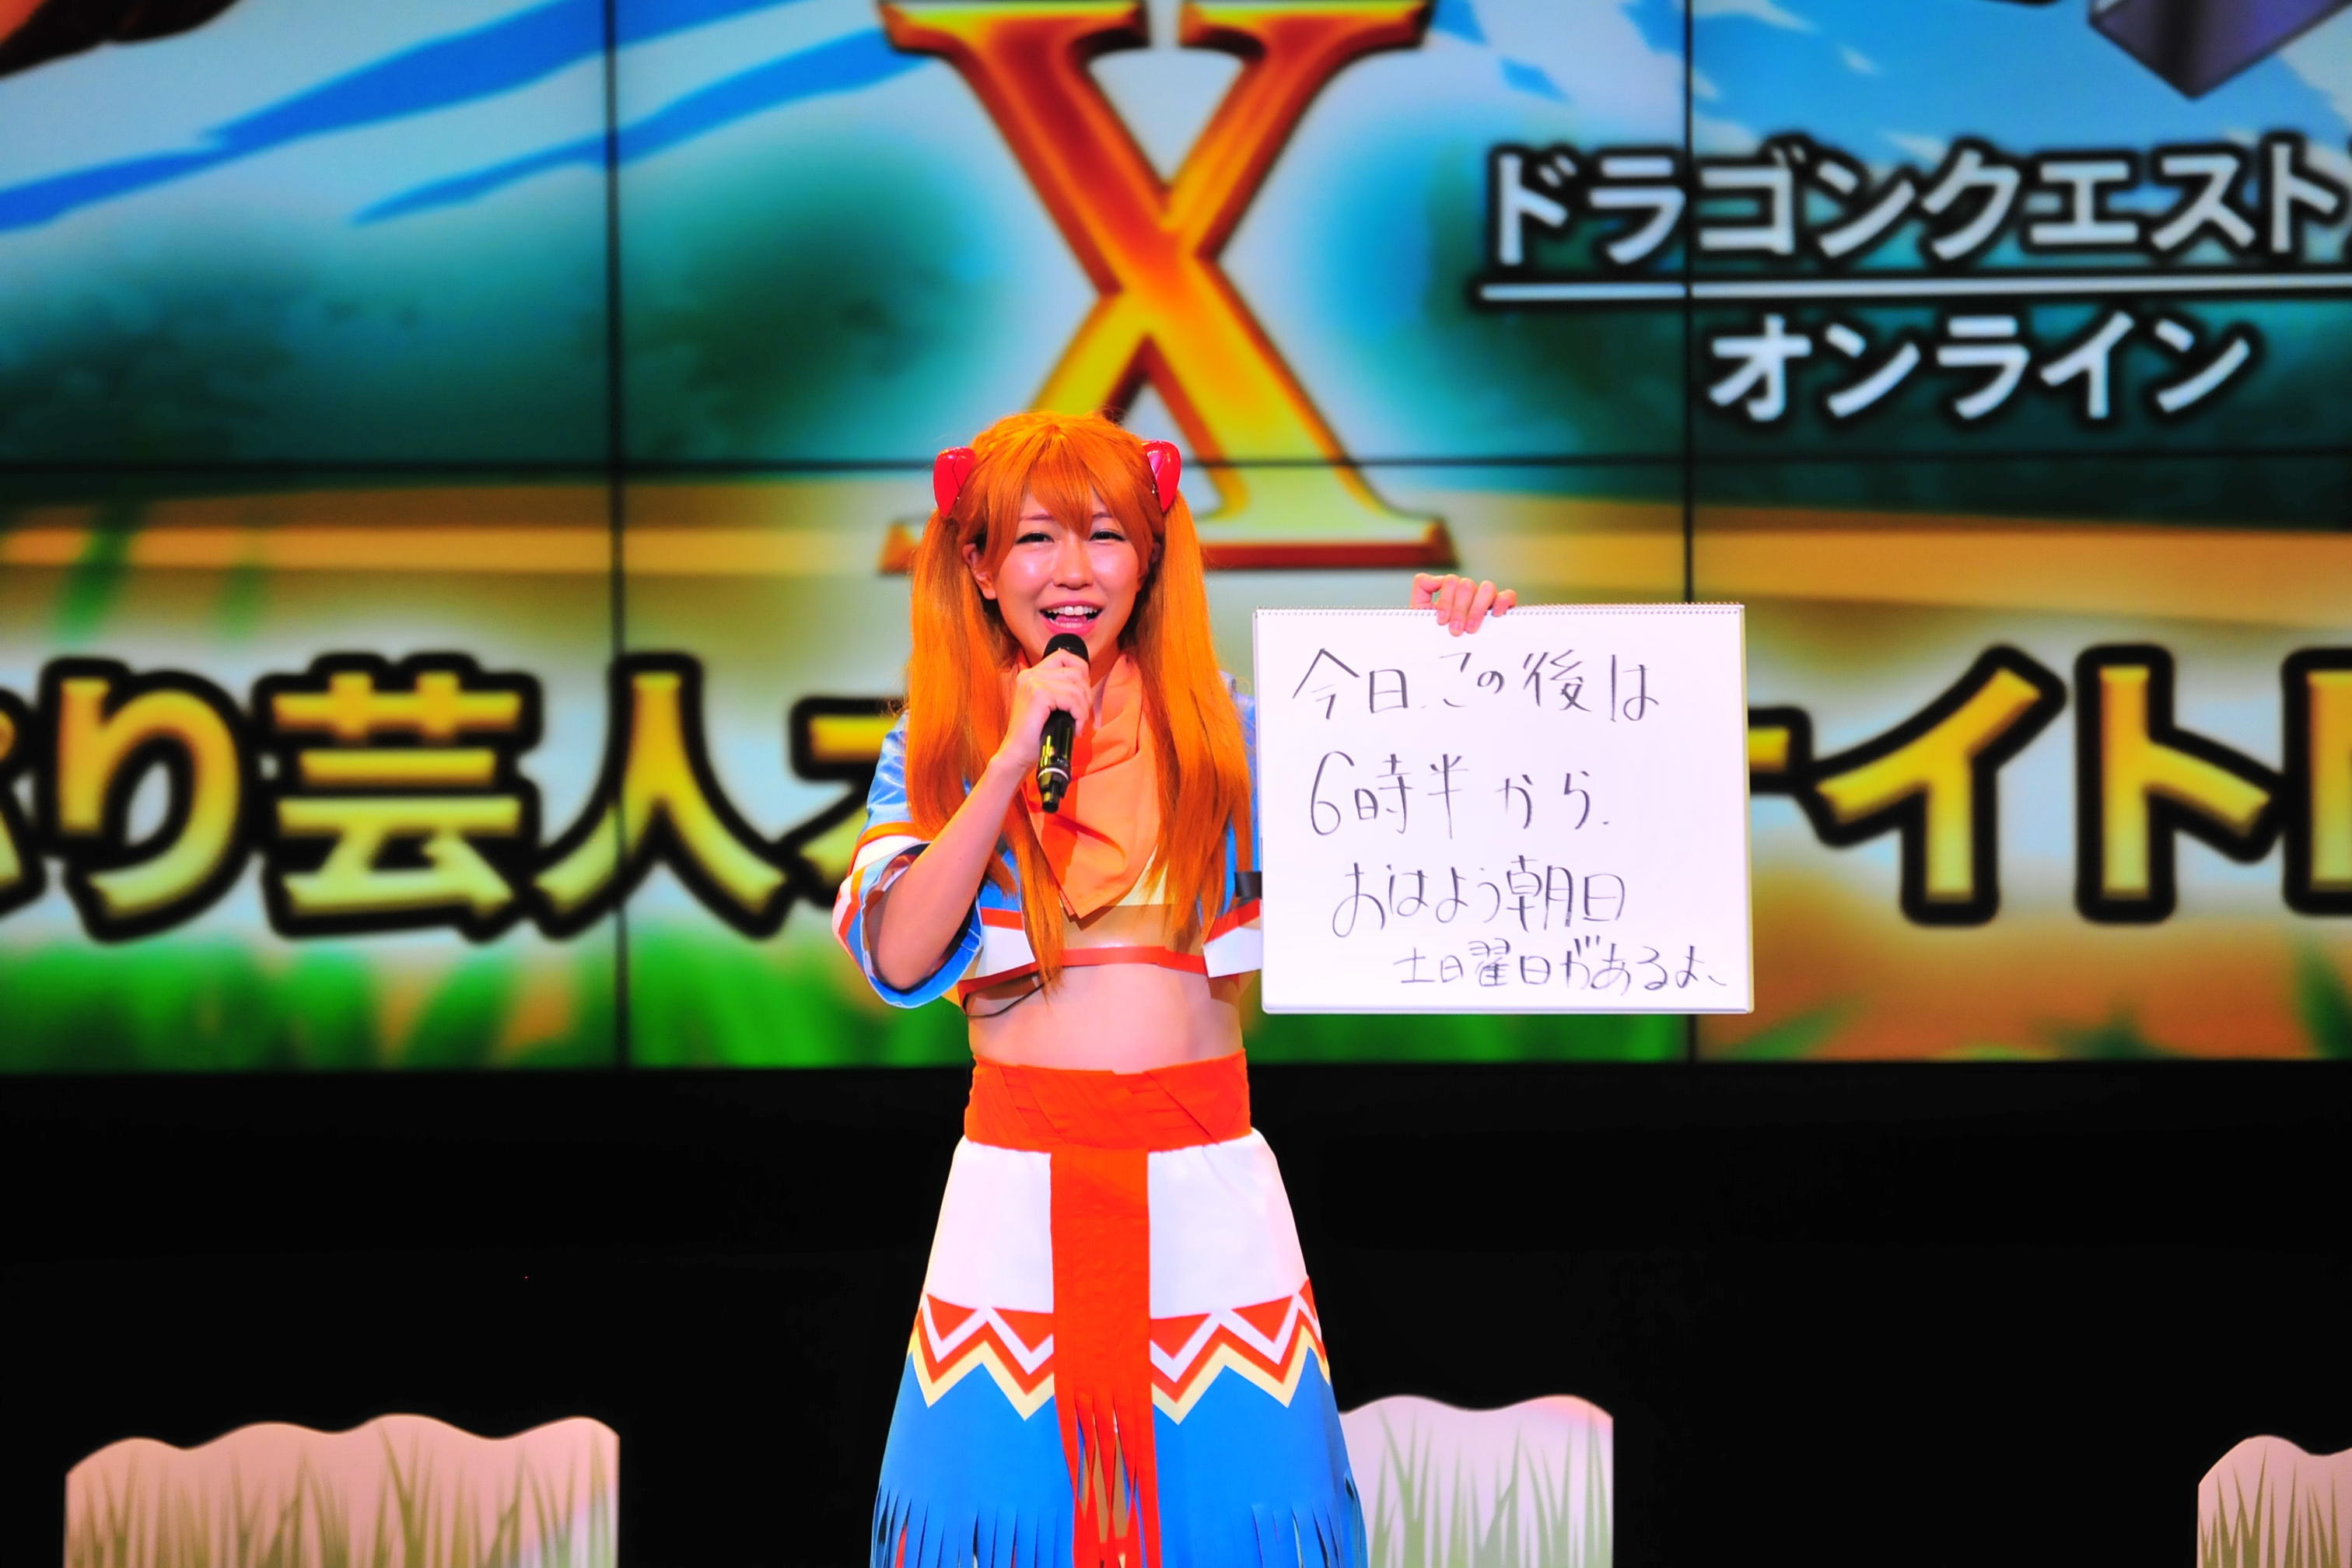 http://news.yoshimoto.co.jp/20160613100412-319c97c673442290100a01daedee88c6d6ca8db4.jpg